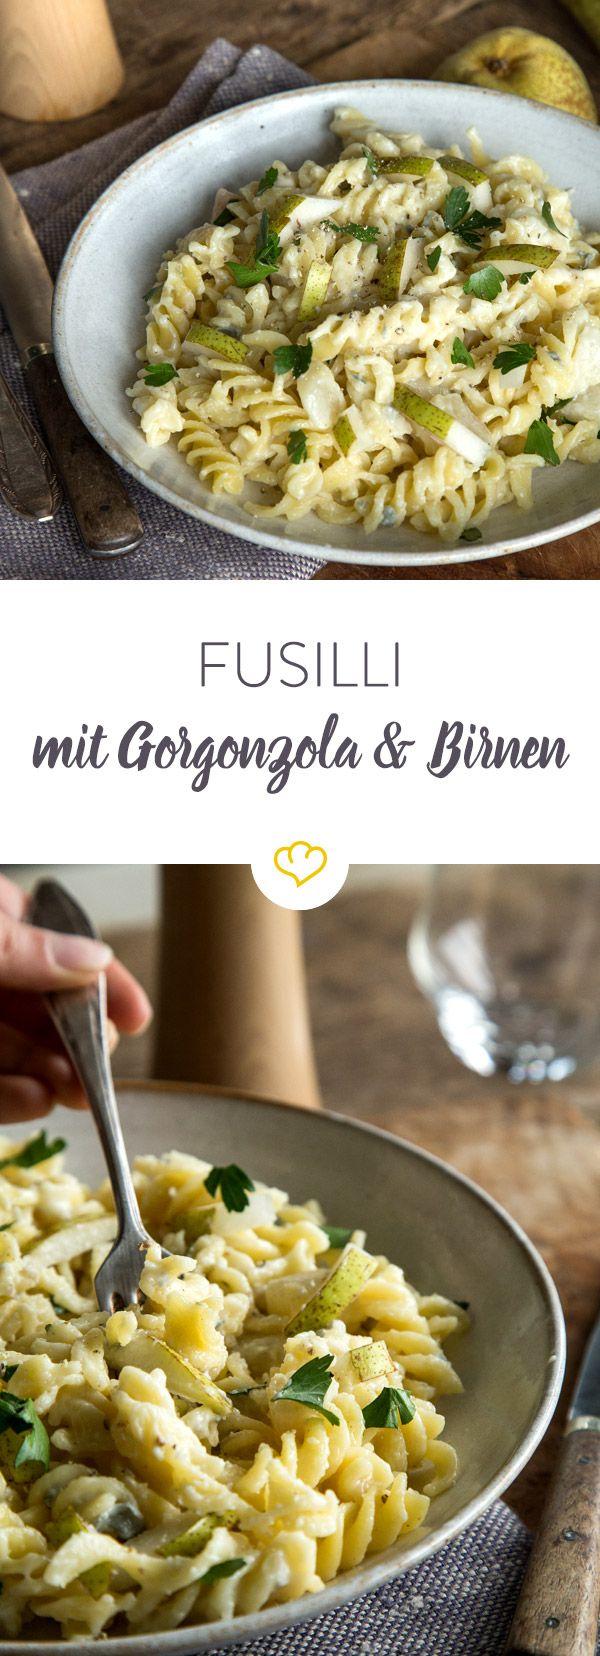 Gorgonzola, Birnen und Fusilli, eine perfekte Mischung für deinen Feierabend: Denn sie sind flott zubereitet und dabei wahnsinnig lecker!